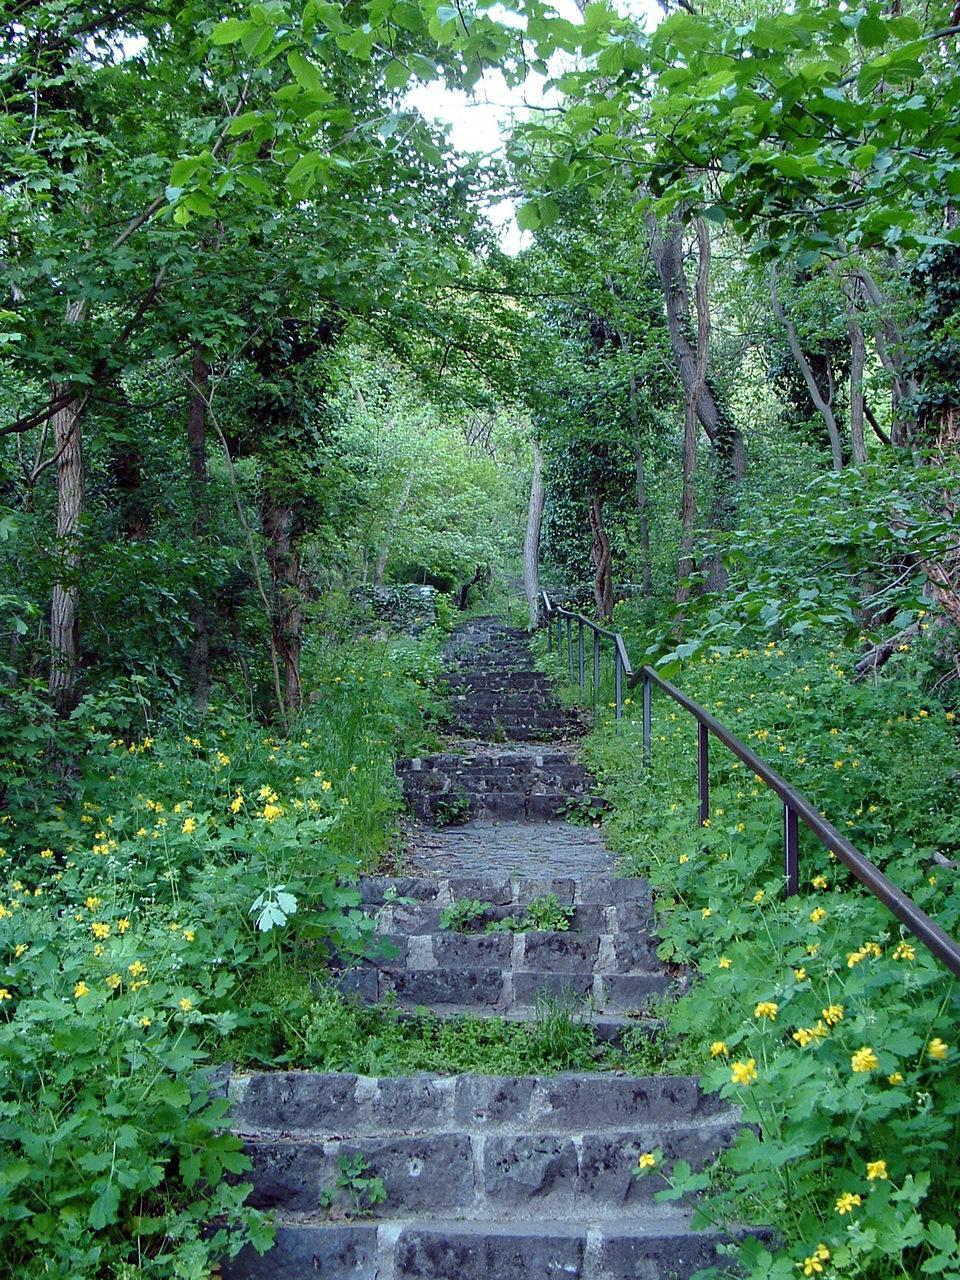 Steep climb on the Bujdosók lépcsője